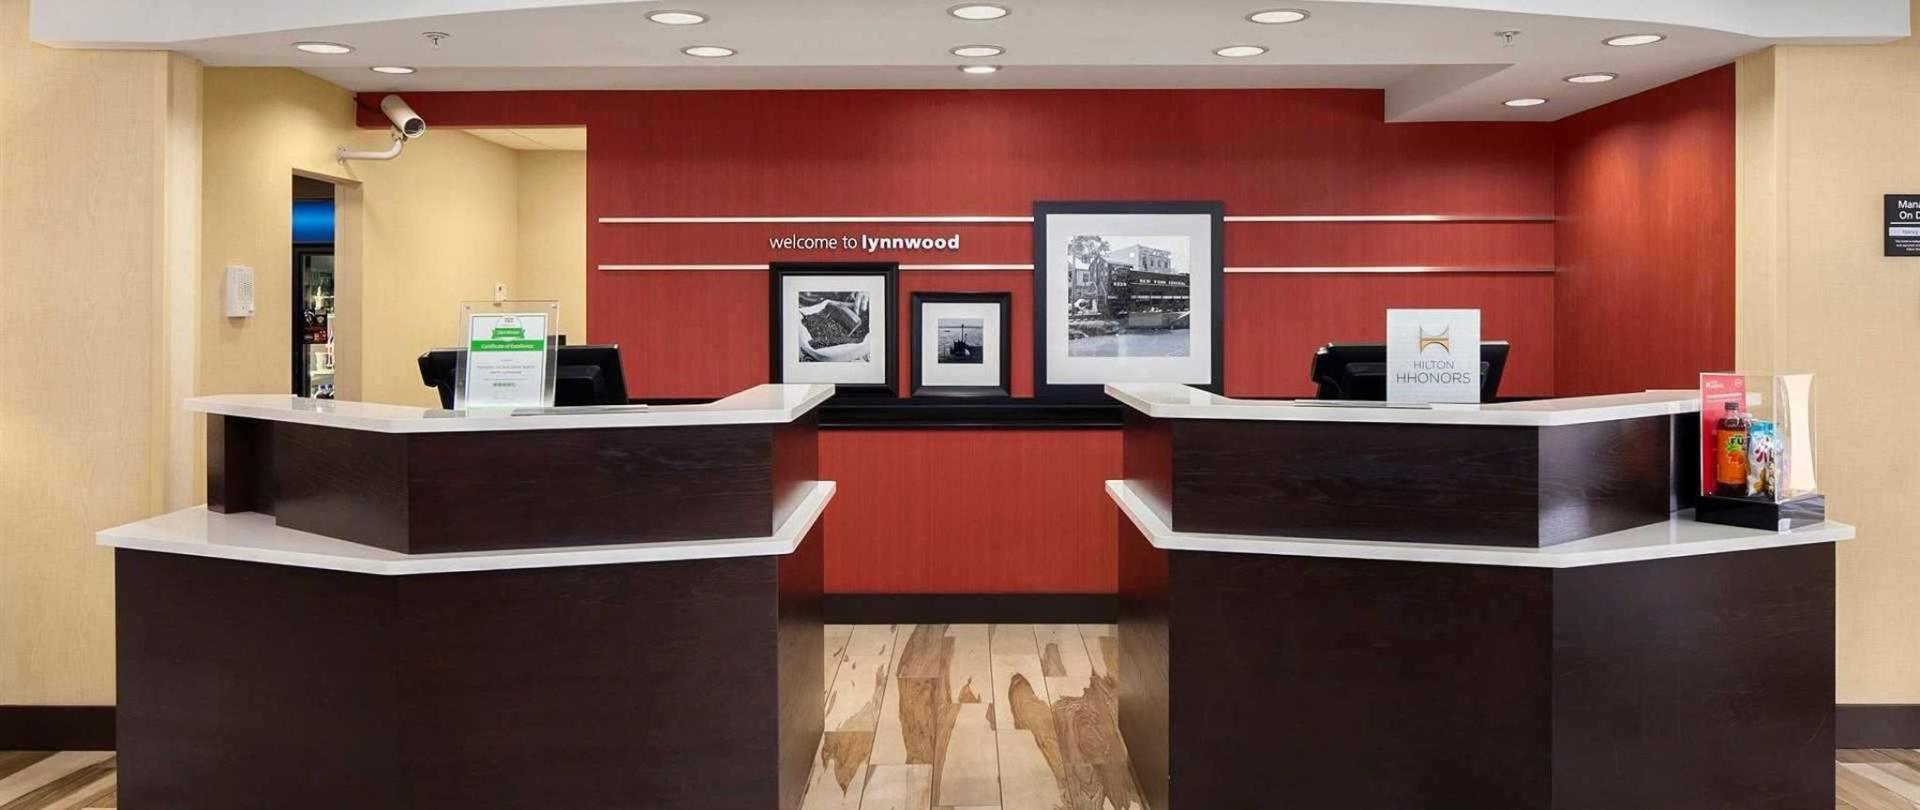 hampton-lynnwood-front-desk.jpg.1920x810_default.jpeg.1920x0.jpeg